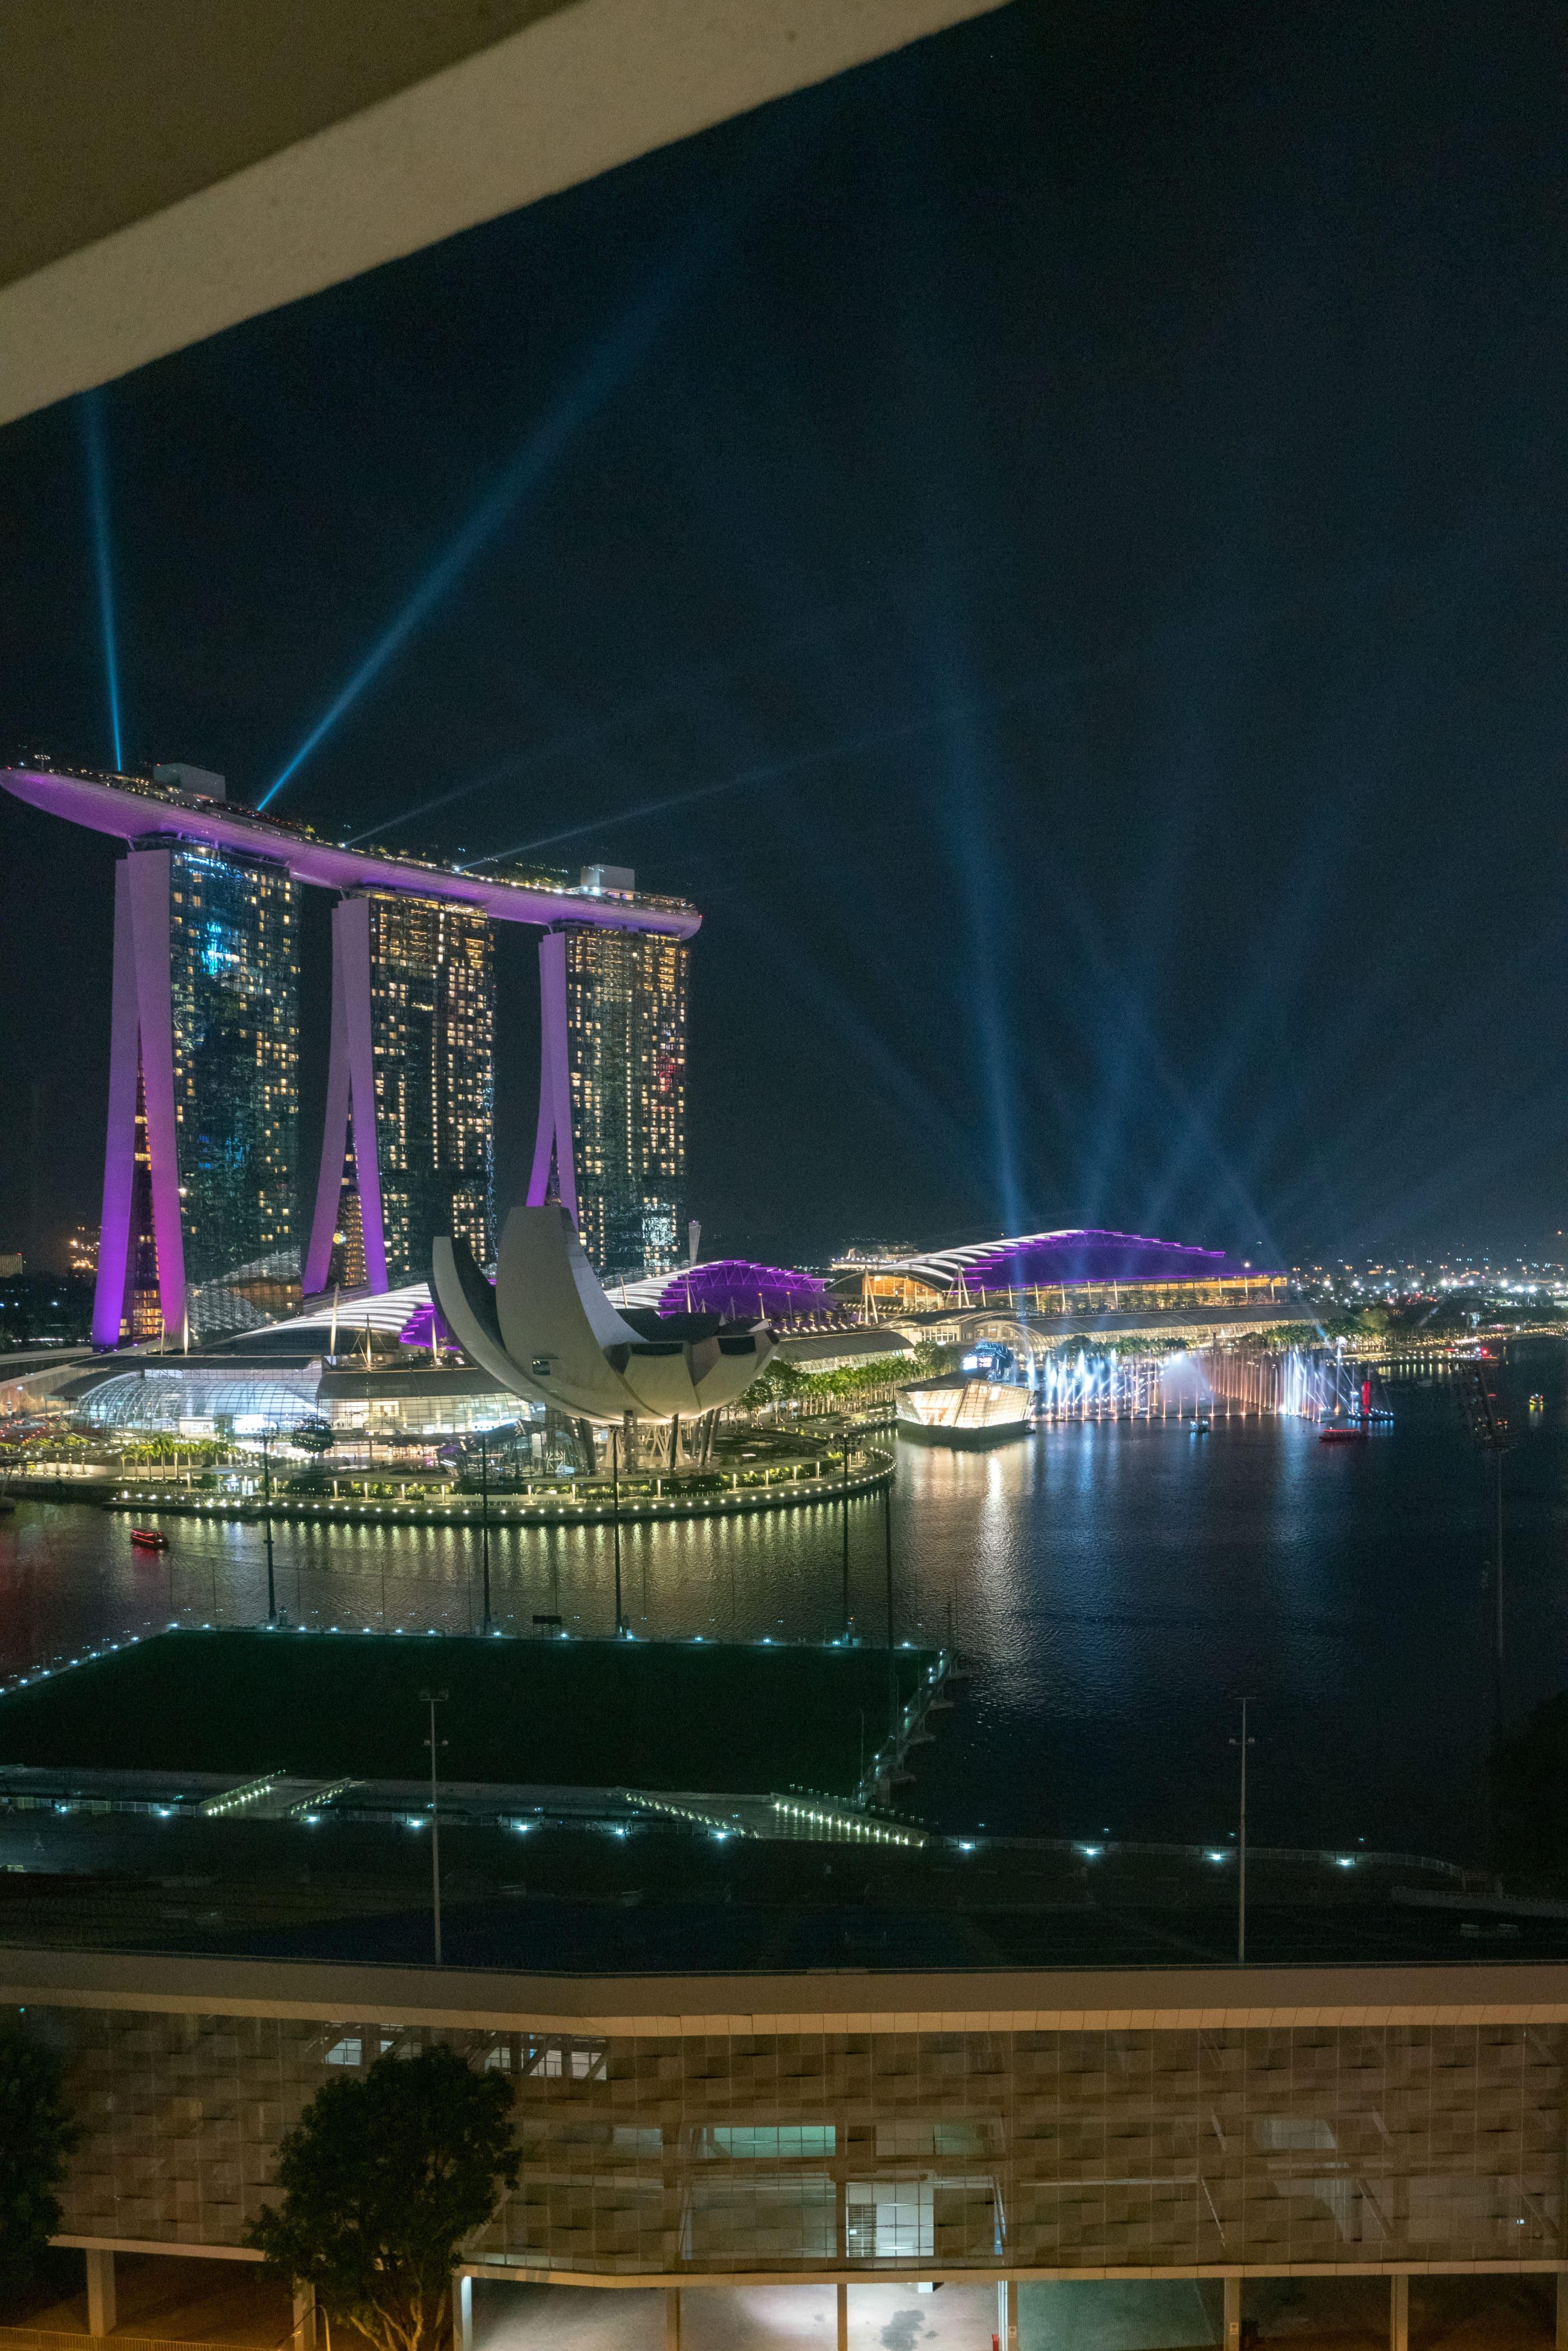 Spectra light show over Marina Bay, Singapore